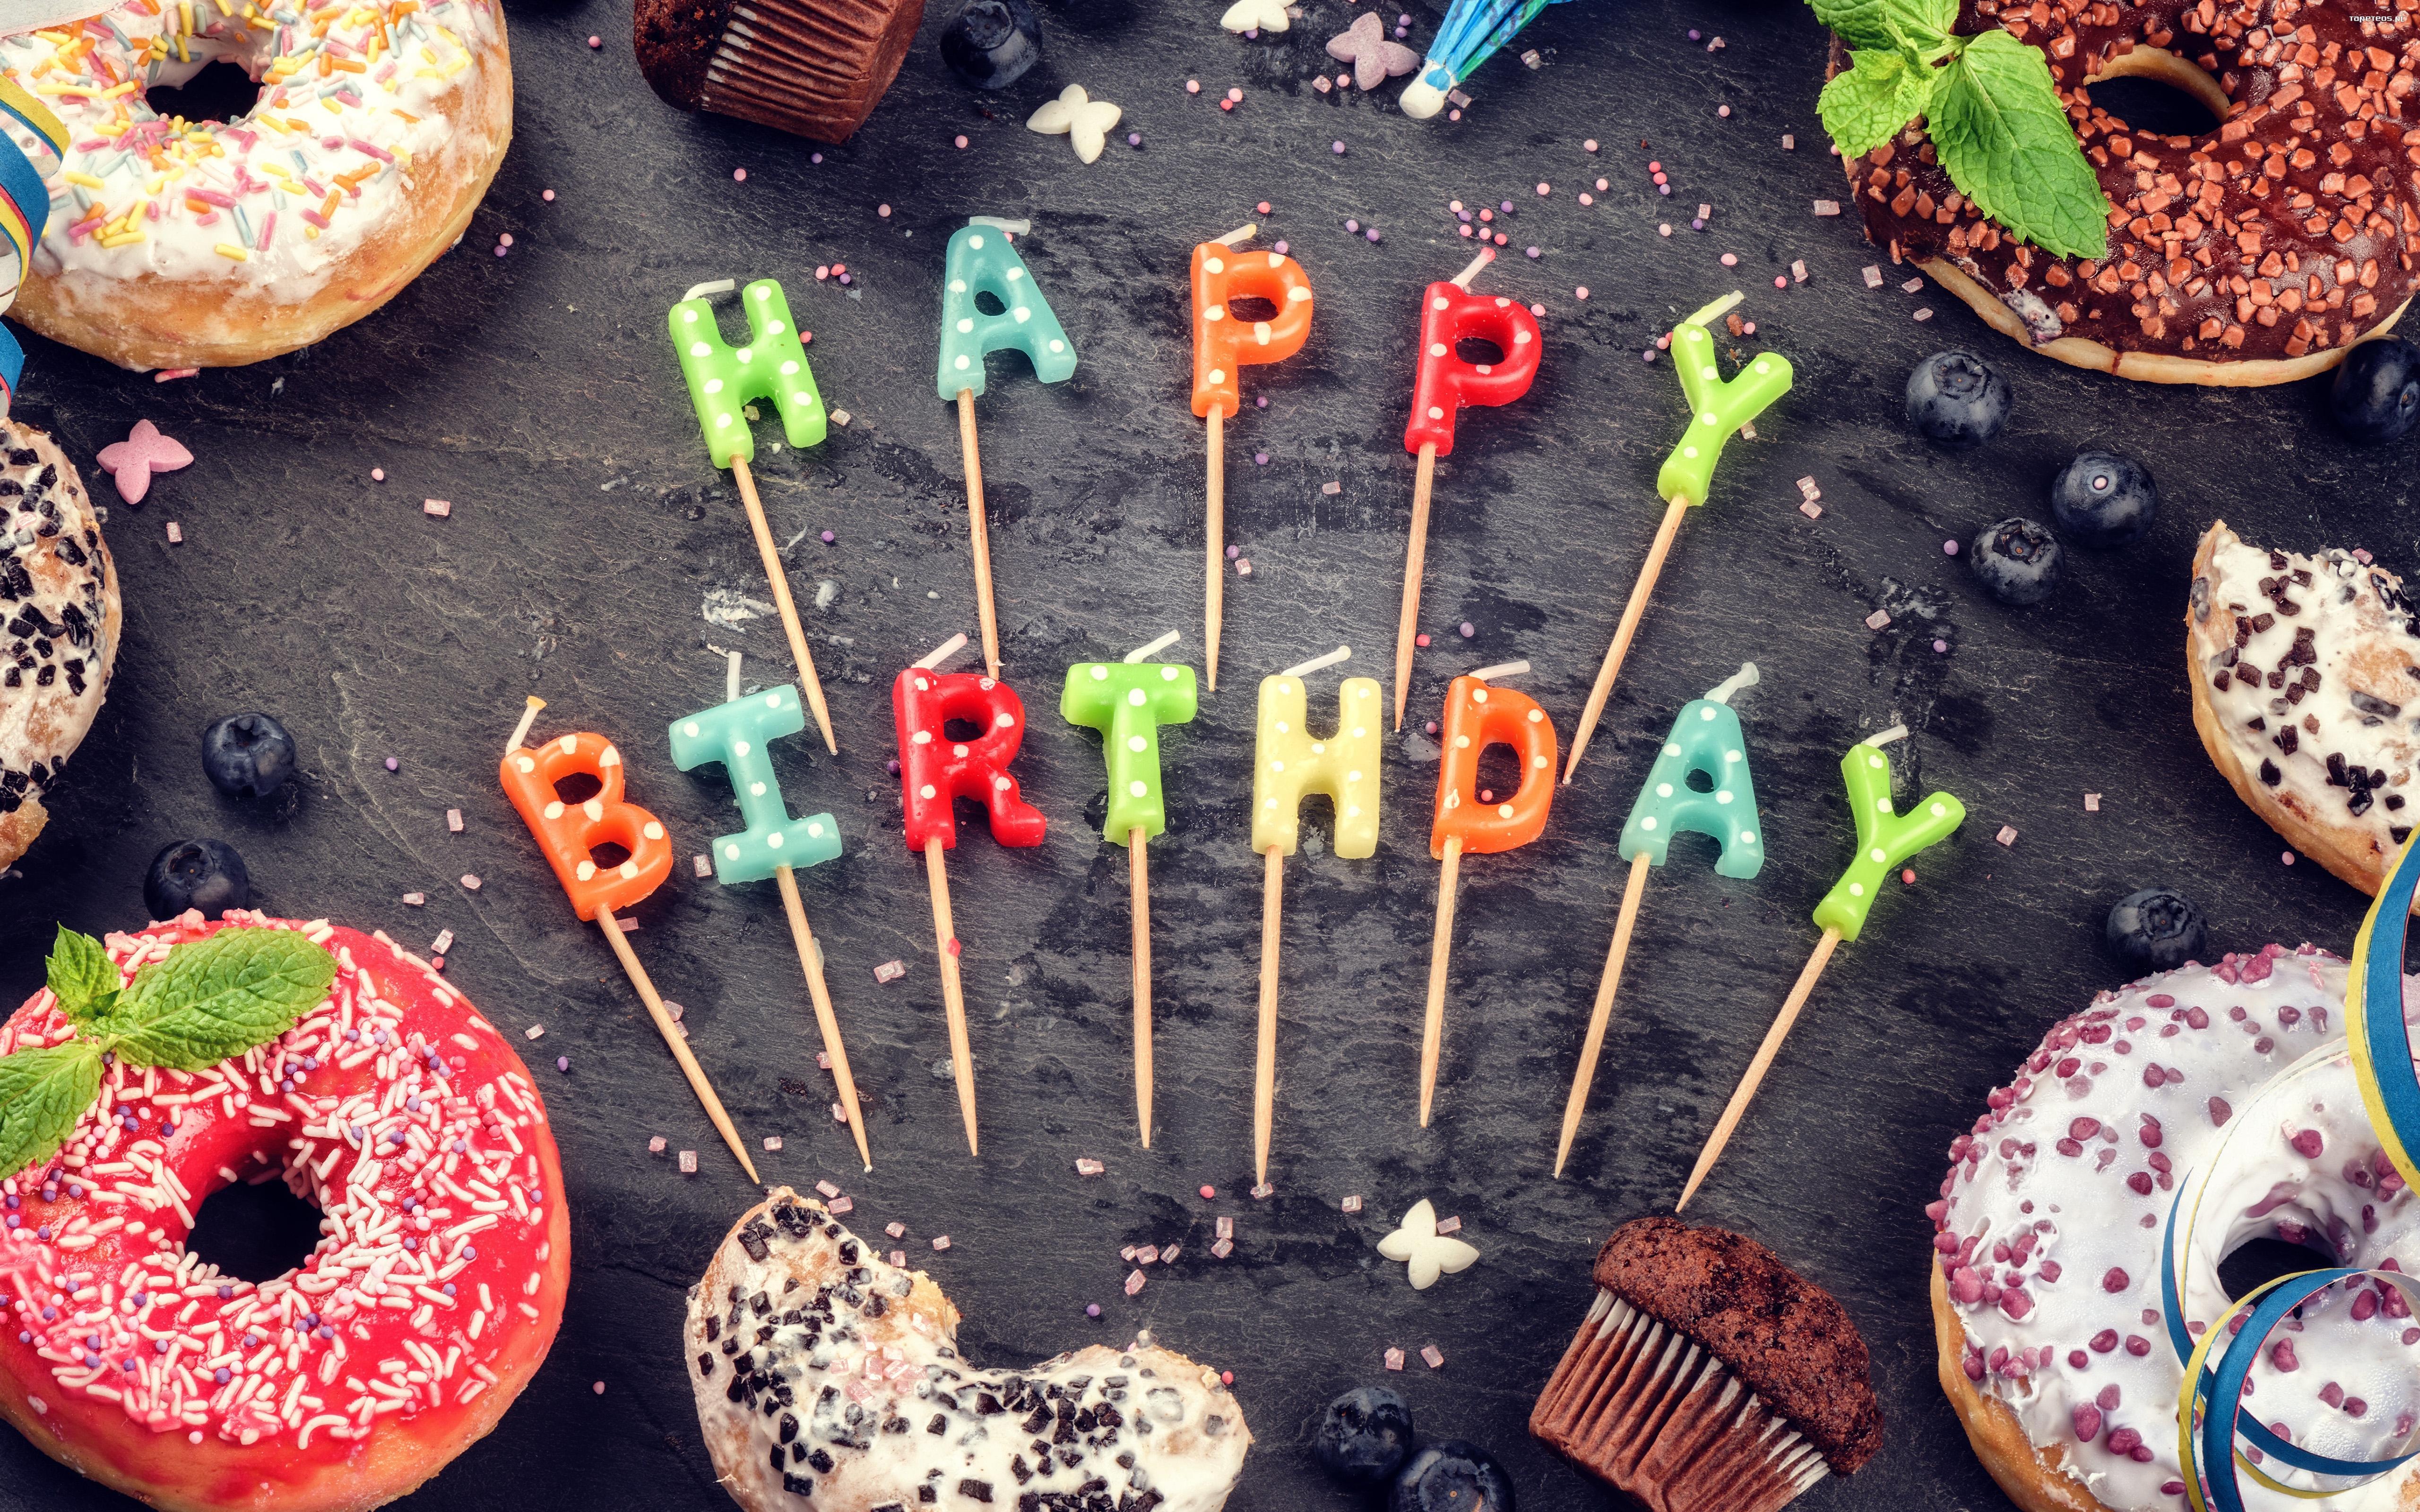 Chłodny Urodziny, Happy Birthday 065 Paczki, Slodycze, Swieczki - Tapety FP22